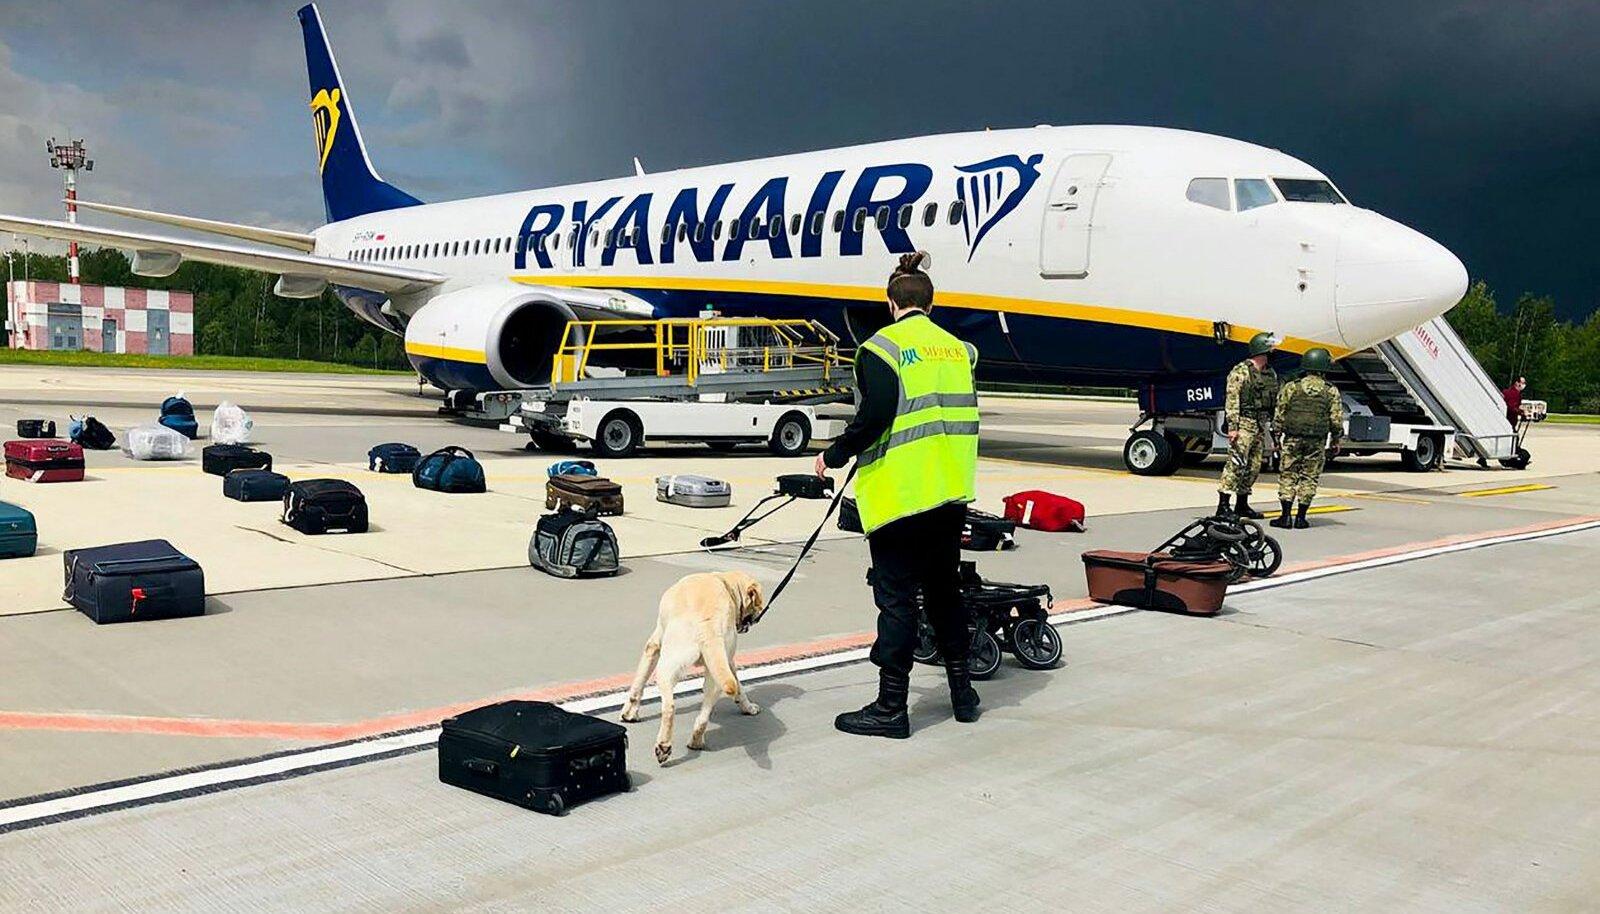 Valgevene võimud tutvuvad Ryanairi lennu pagasiga.